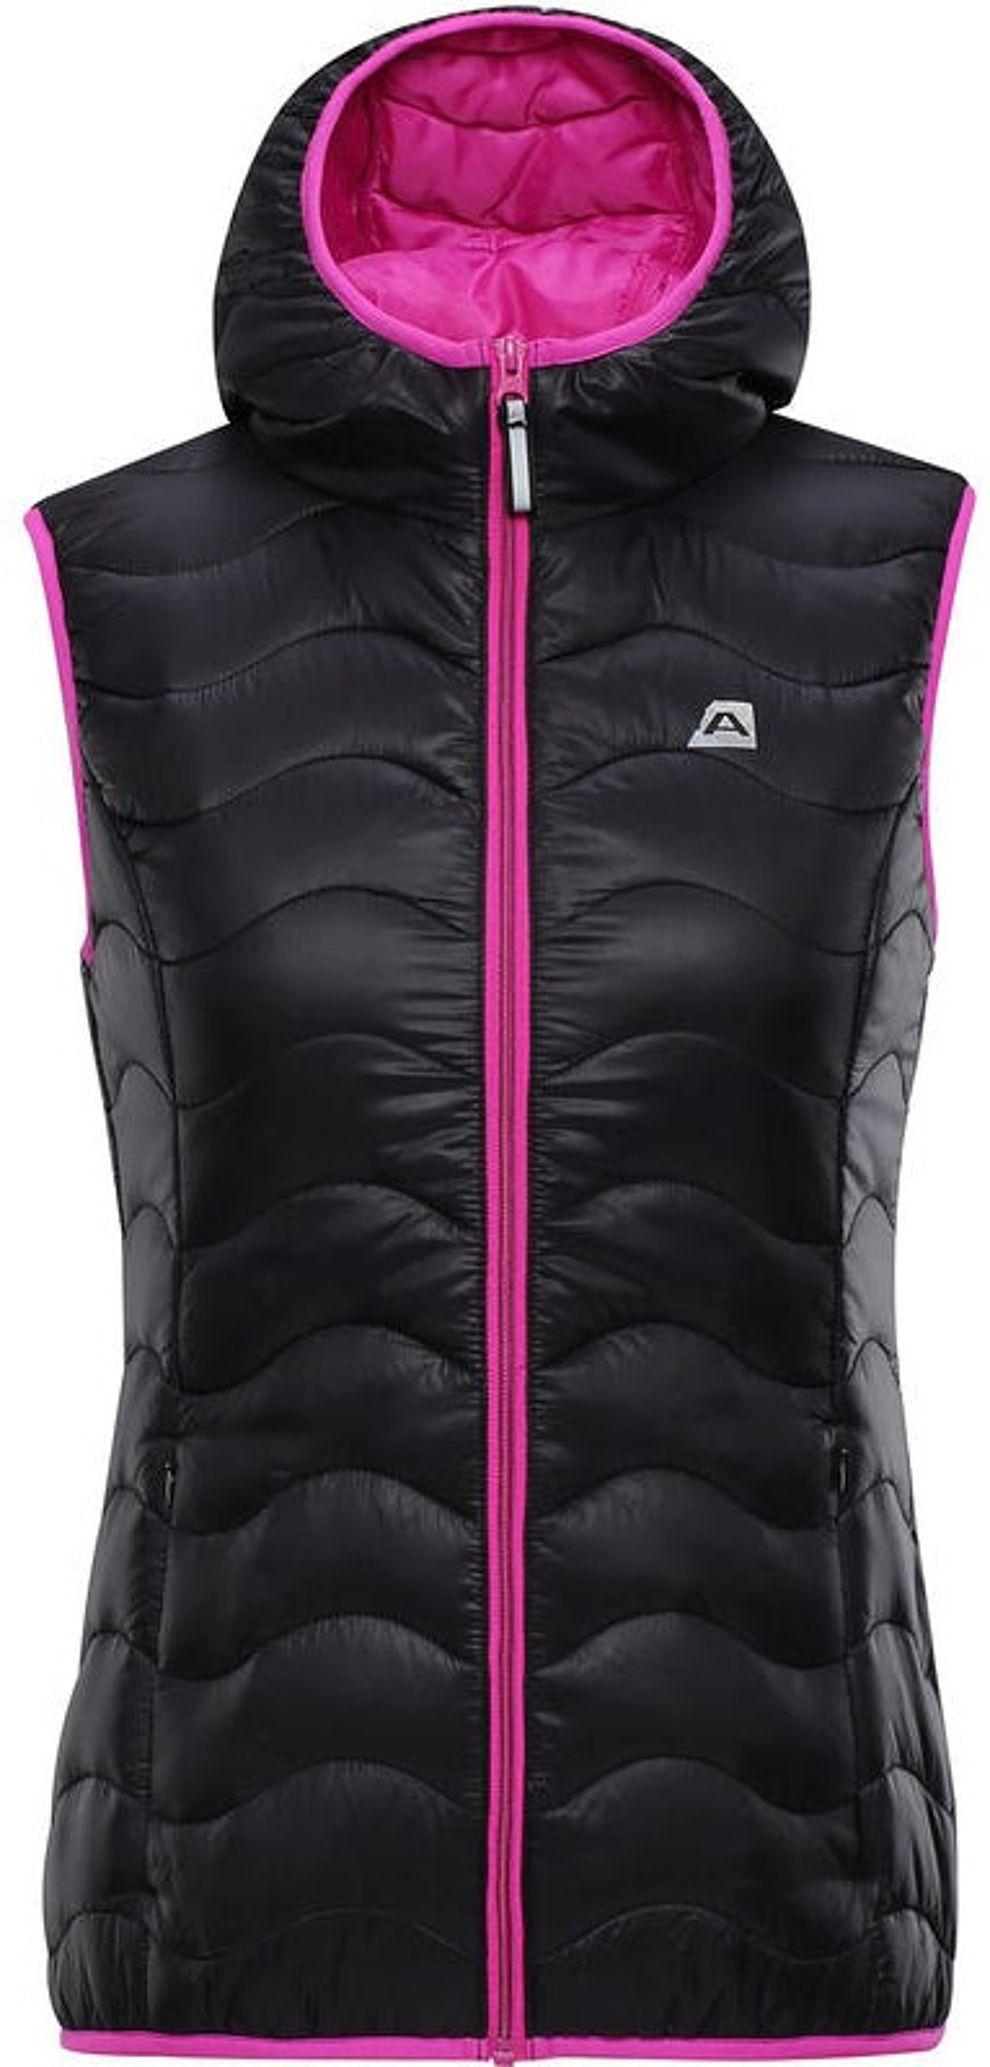 Dámská zateplená vesta Alpine Pro vel. S